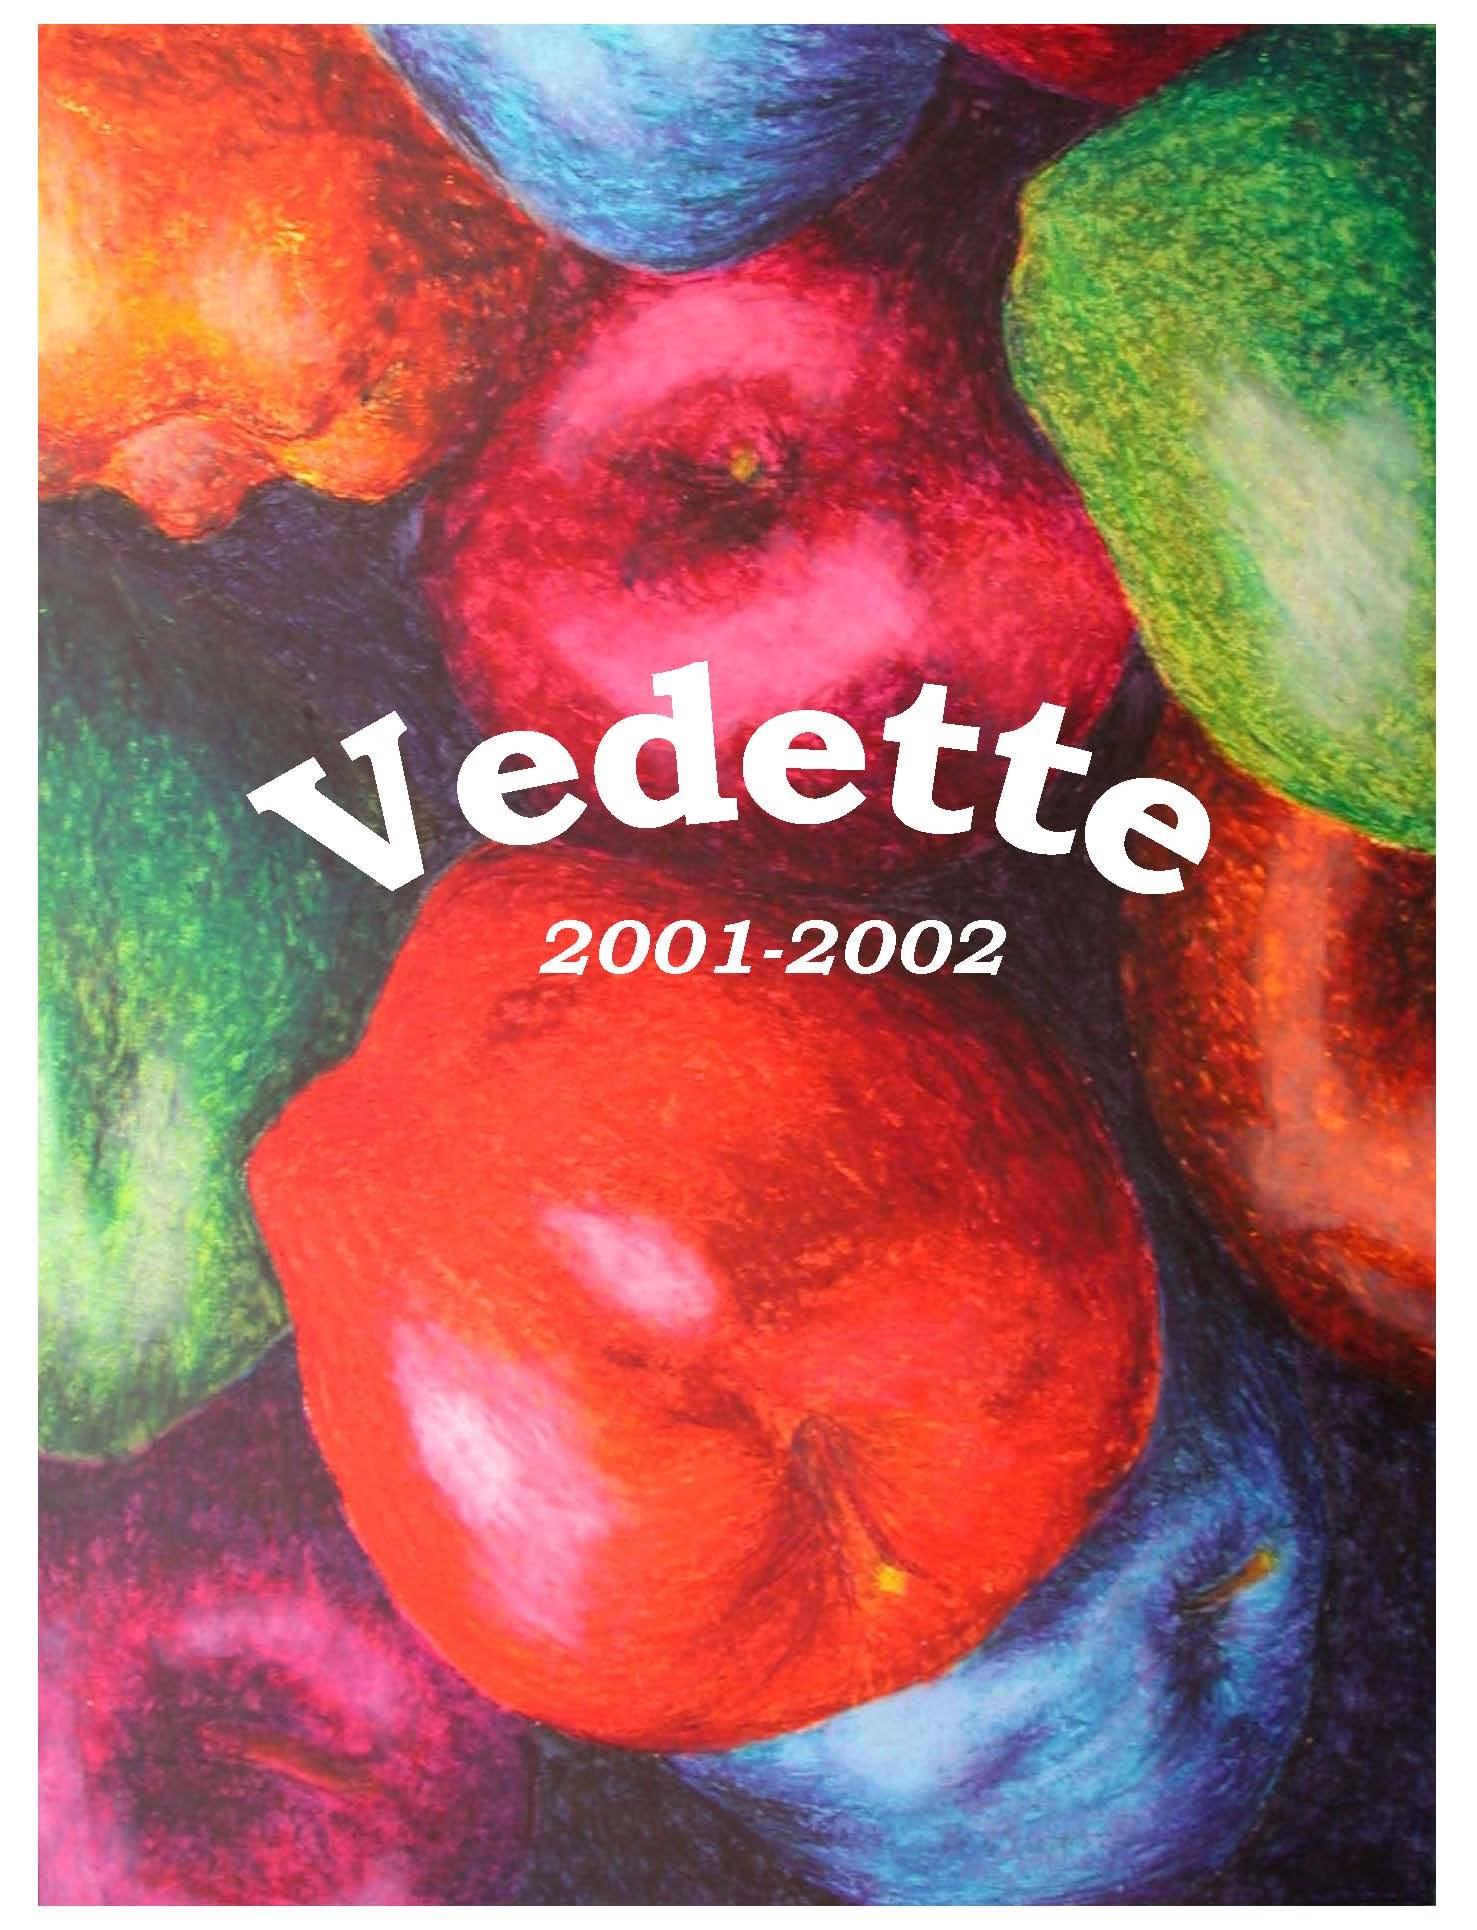 Vedette Cover 2001-2002